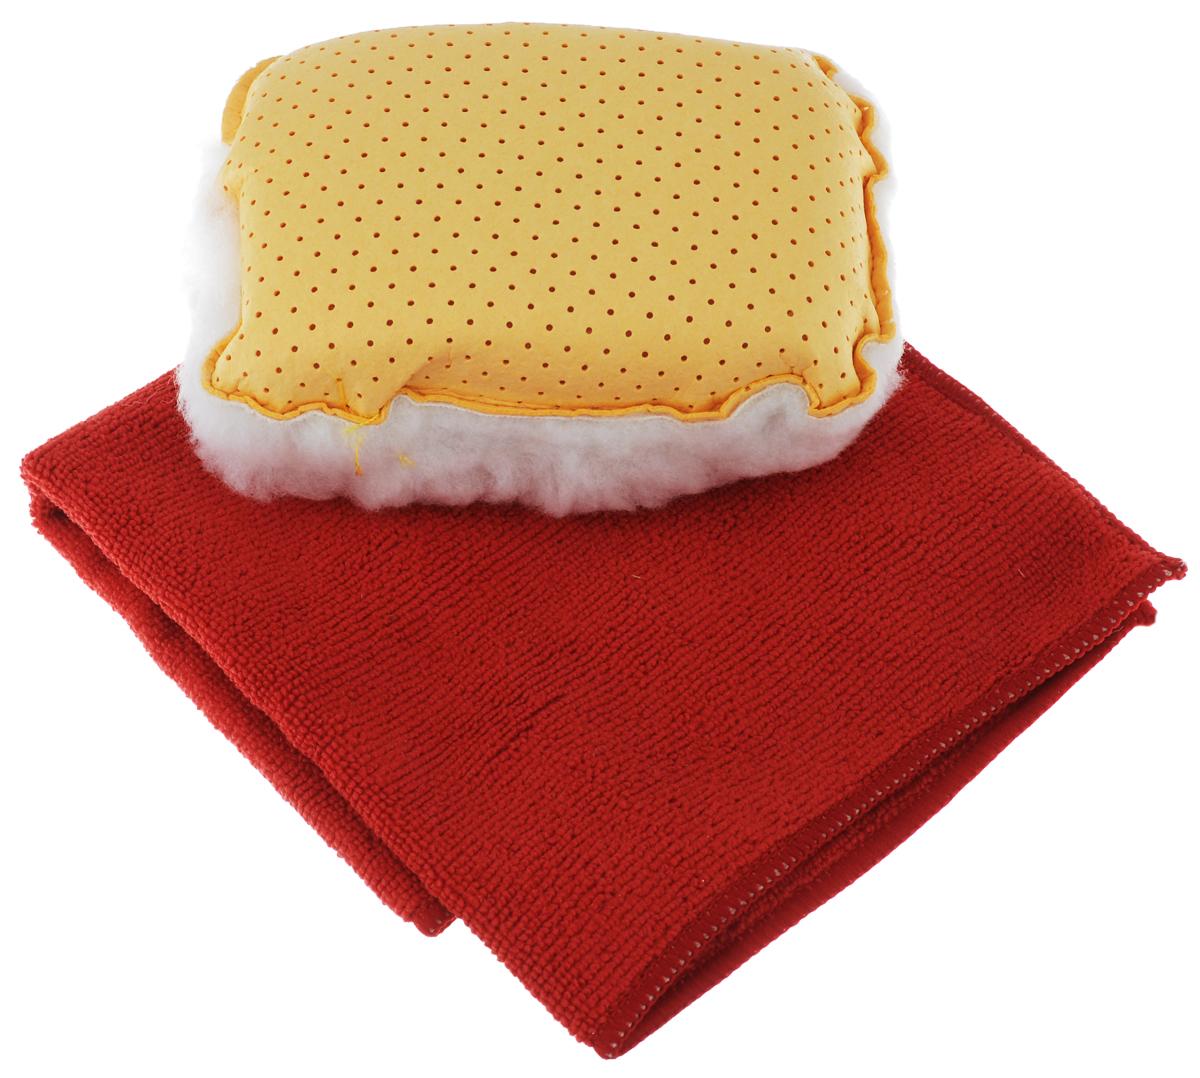 Набор для мытья и полировки автомобиля Pingo, цвет: желтый, красный, 2 предметаSATURN CANCARDНабор для мытья и полировки автомобиля Pingo состоит из универсальной губки с мехом и салфетки из микрофибры. Универсальная губка с мехом предназначена для удаления влаги или конденсации с запотевших стекол. Меховая сторона губки может применяться для нанесения полироли на кузов автомобиля. Салфетка из микрофибры предназначена для полировки кузова автомобиля, для чистки лобового стекла, пластика и хрома. Может быть использована без химических средств, отлично впитывает воду, пыль и грязь. Сильно загрязненную салфетку промыть в теплой воде. При стирке не использовать отбеливатель и смягчающие средства, не гладить.Состав губки: 80% вискоза, 20% полипропилен, мех, полиэстер, пенополиуретан.Состав салфетки: 70% полиэстер, 30% полиамид.Размер губки: 13 х 9 х 5 см.Размер салфетки: 32 х 32 см.